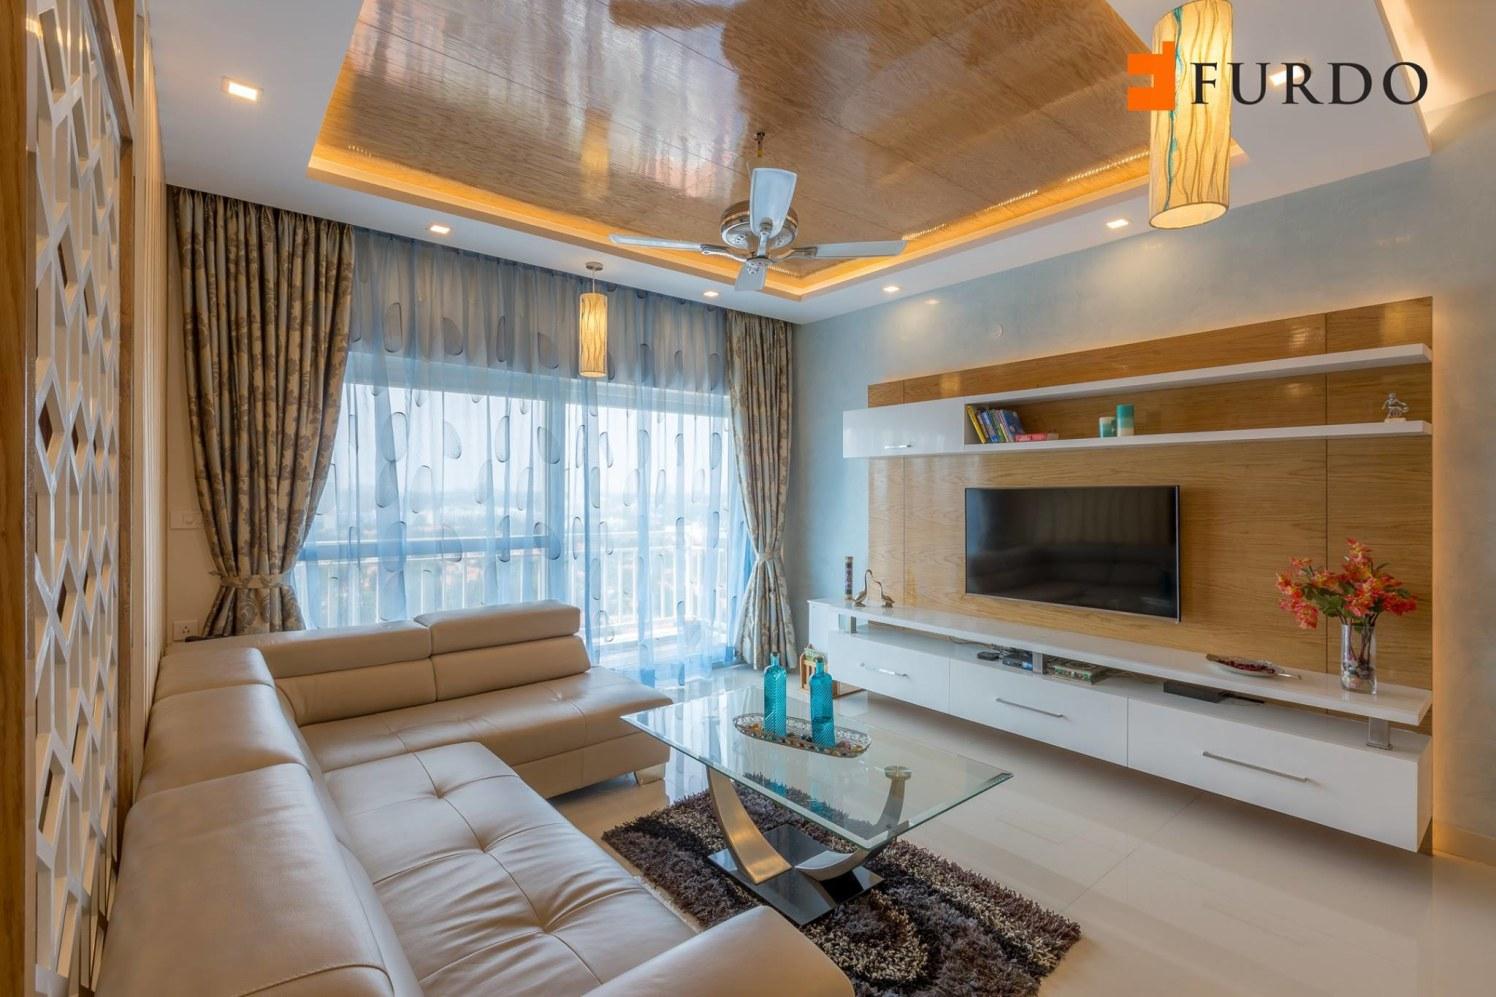 Living Room WIth Bulky Furniture by Furdo.com Living-room Contemporary | Interior Design Photos & Ideas